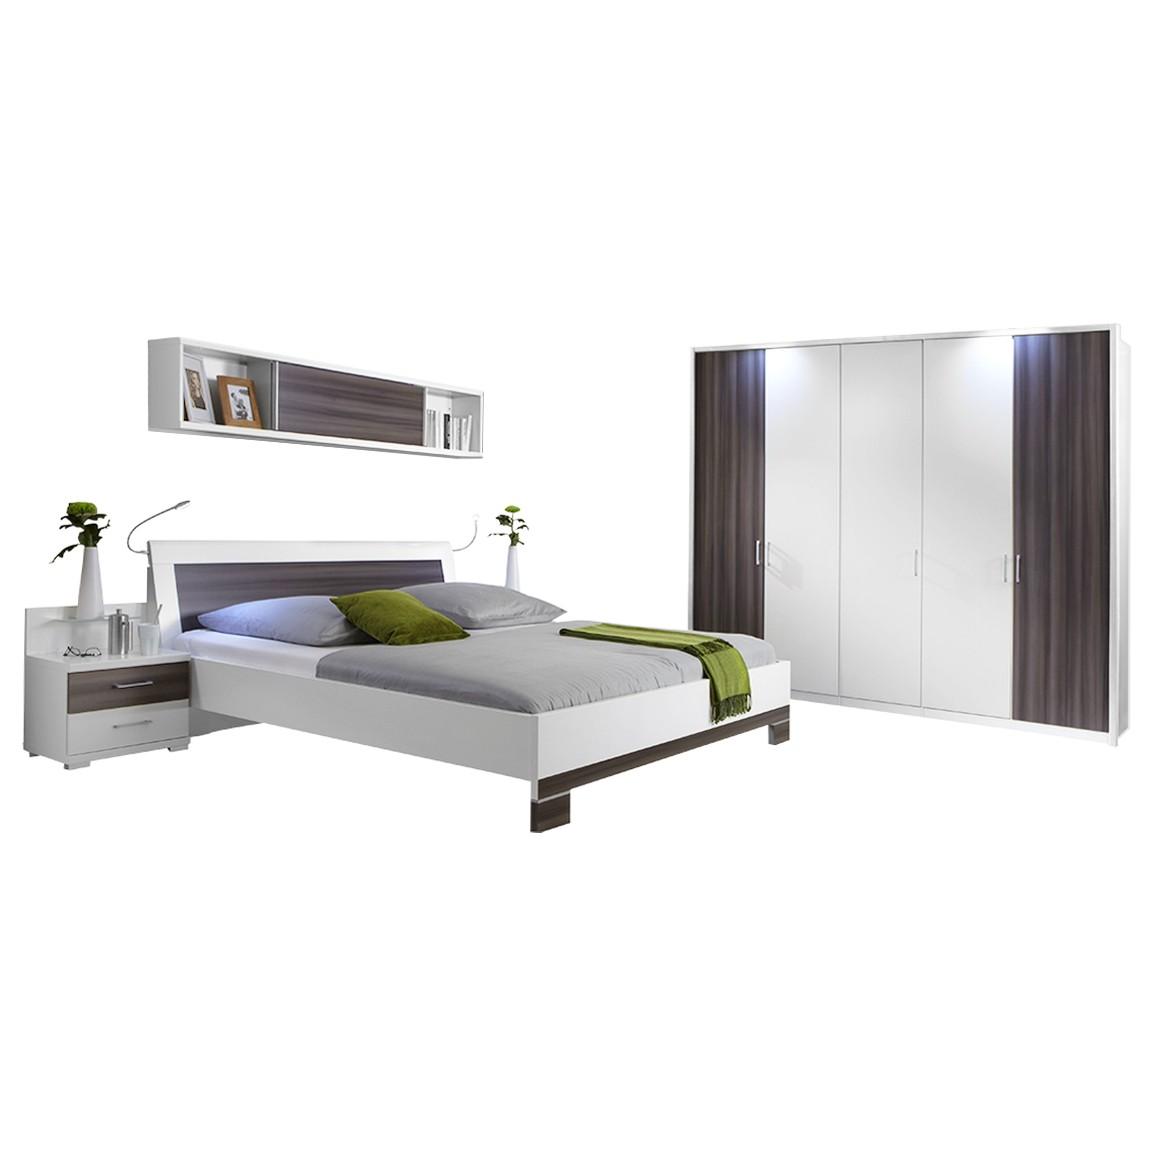 Schlafzimmer komplett Wonder II – Alpinweiß, Althoff online kaufen